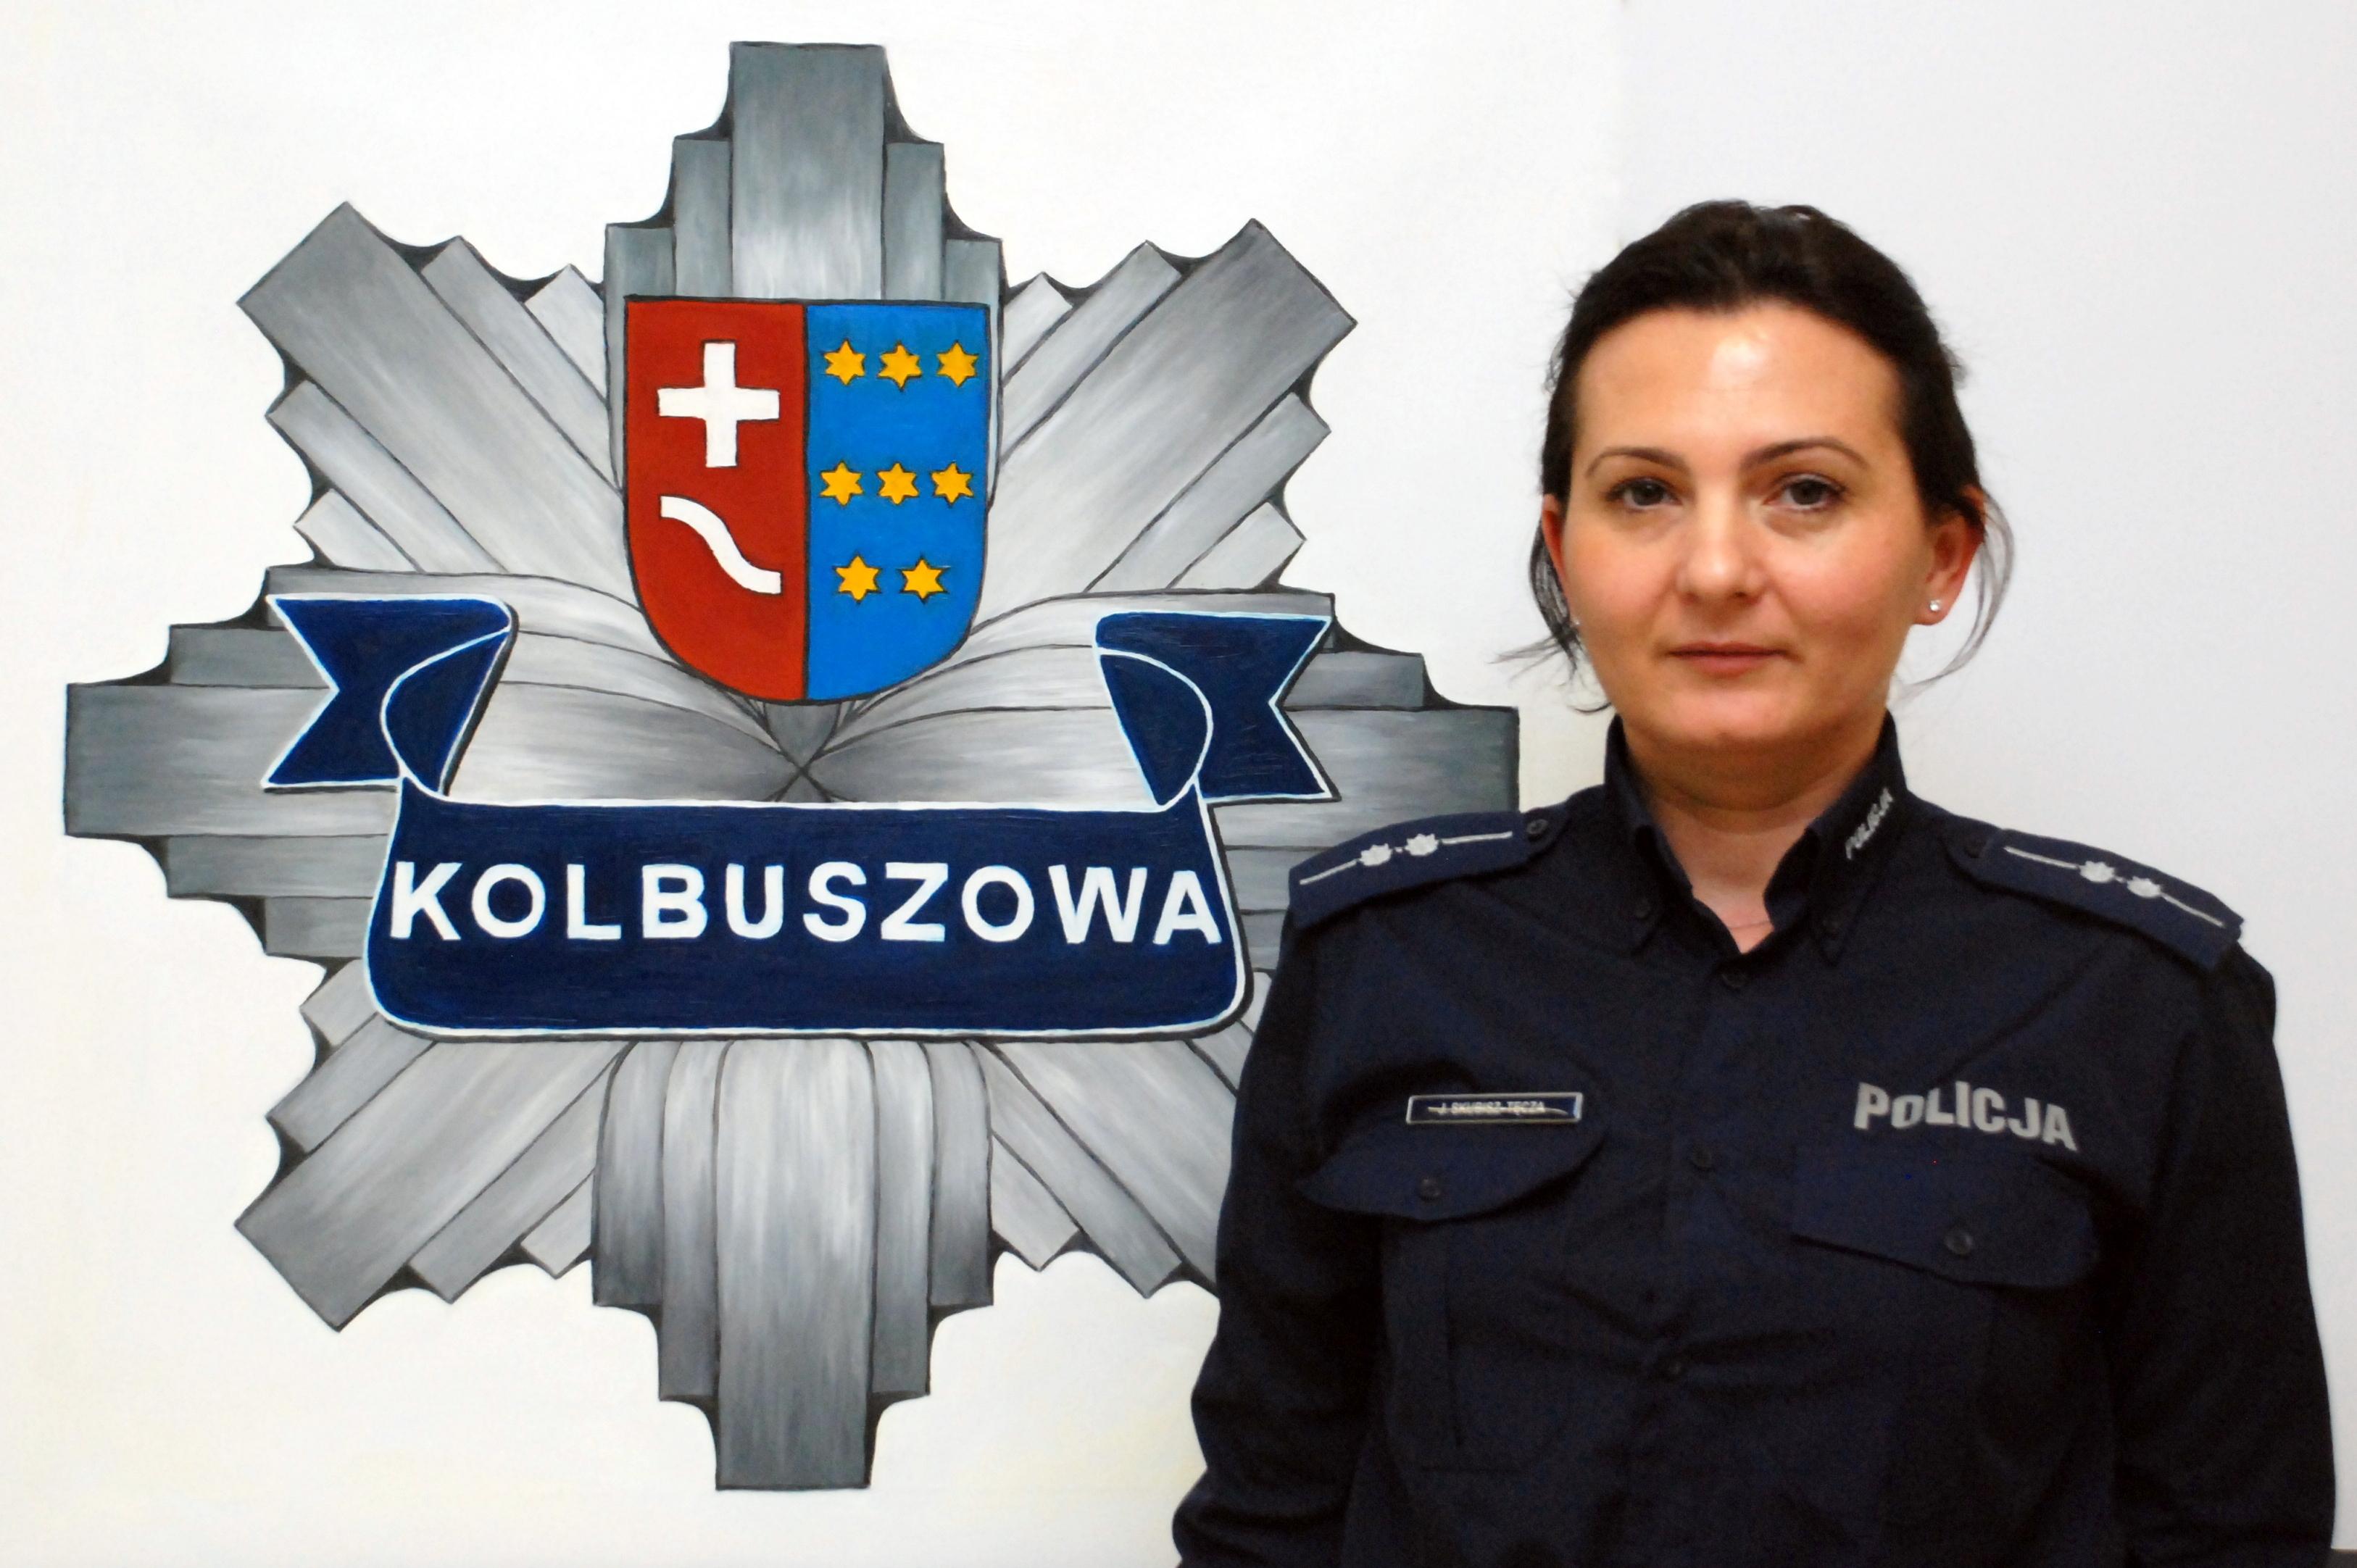 """Powiat kolbuszowski. Od jutra więcej policjantów na drogach. Mundurowi rozpoczynają akcję """"Znicz 2018"""" - Zdjęcie główne"""